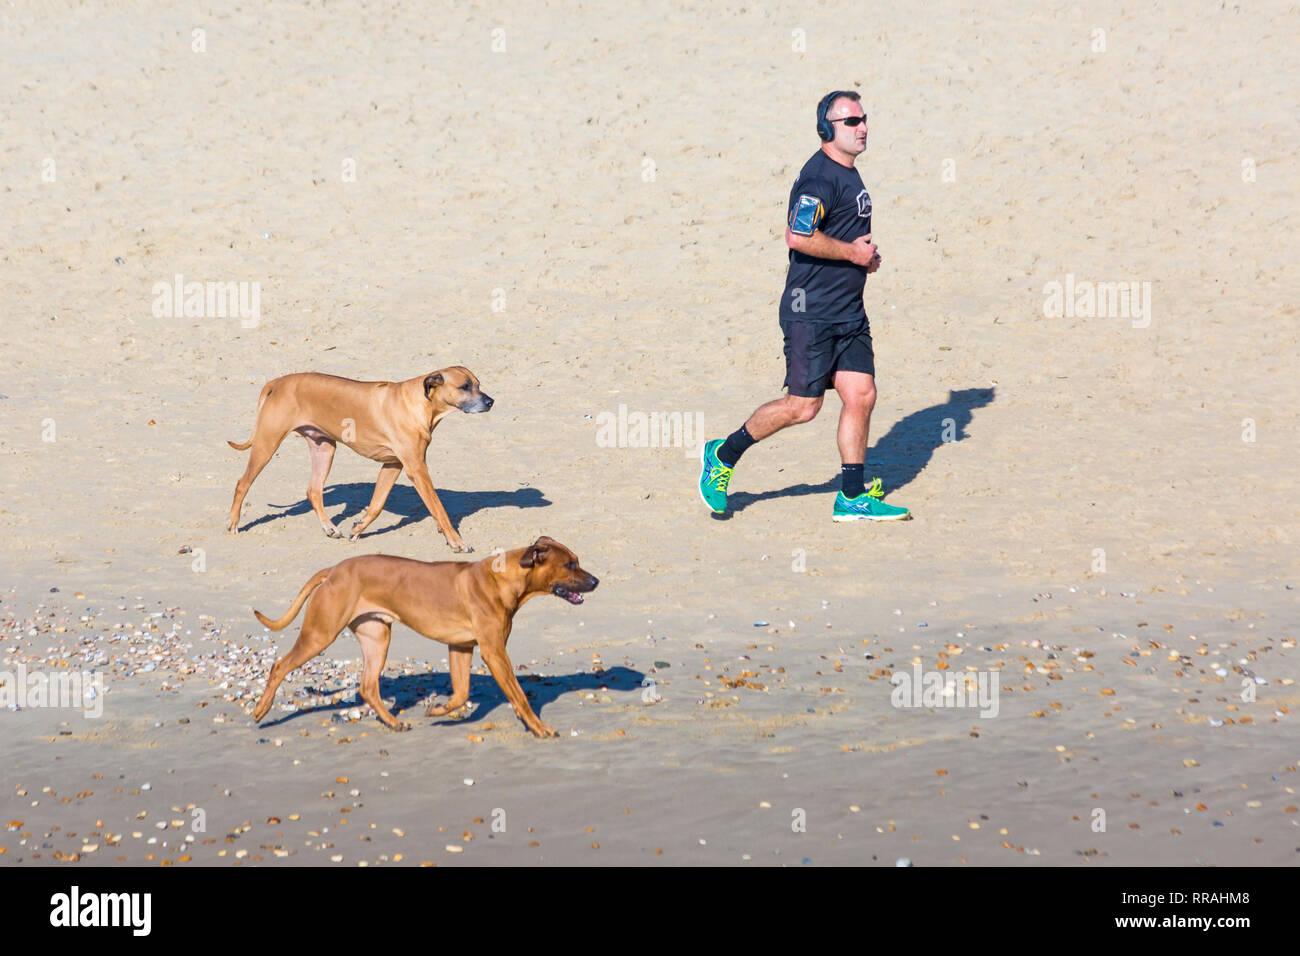 Bournemouth, Dorset, UK. Feb 25, 2019. Météo France: une autre belle chaude journée ensoleillée à Bournemouth comme visiteurs profiter du soleil à la plage sur la journée la plus chaude de l'année et les plus chaudes jamais jour de février. Homme qui court le long de la mer avec des chiens. Credit: Carolyn Jenkins/Alamy Live News Banque D'Images